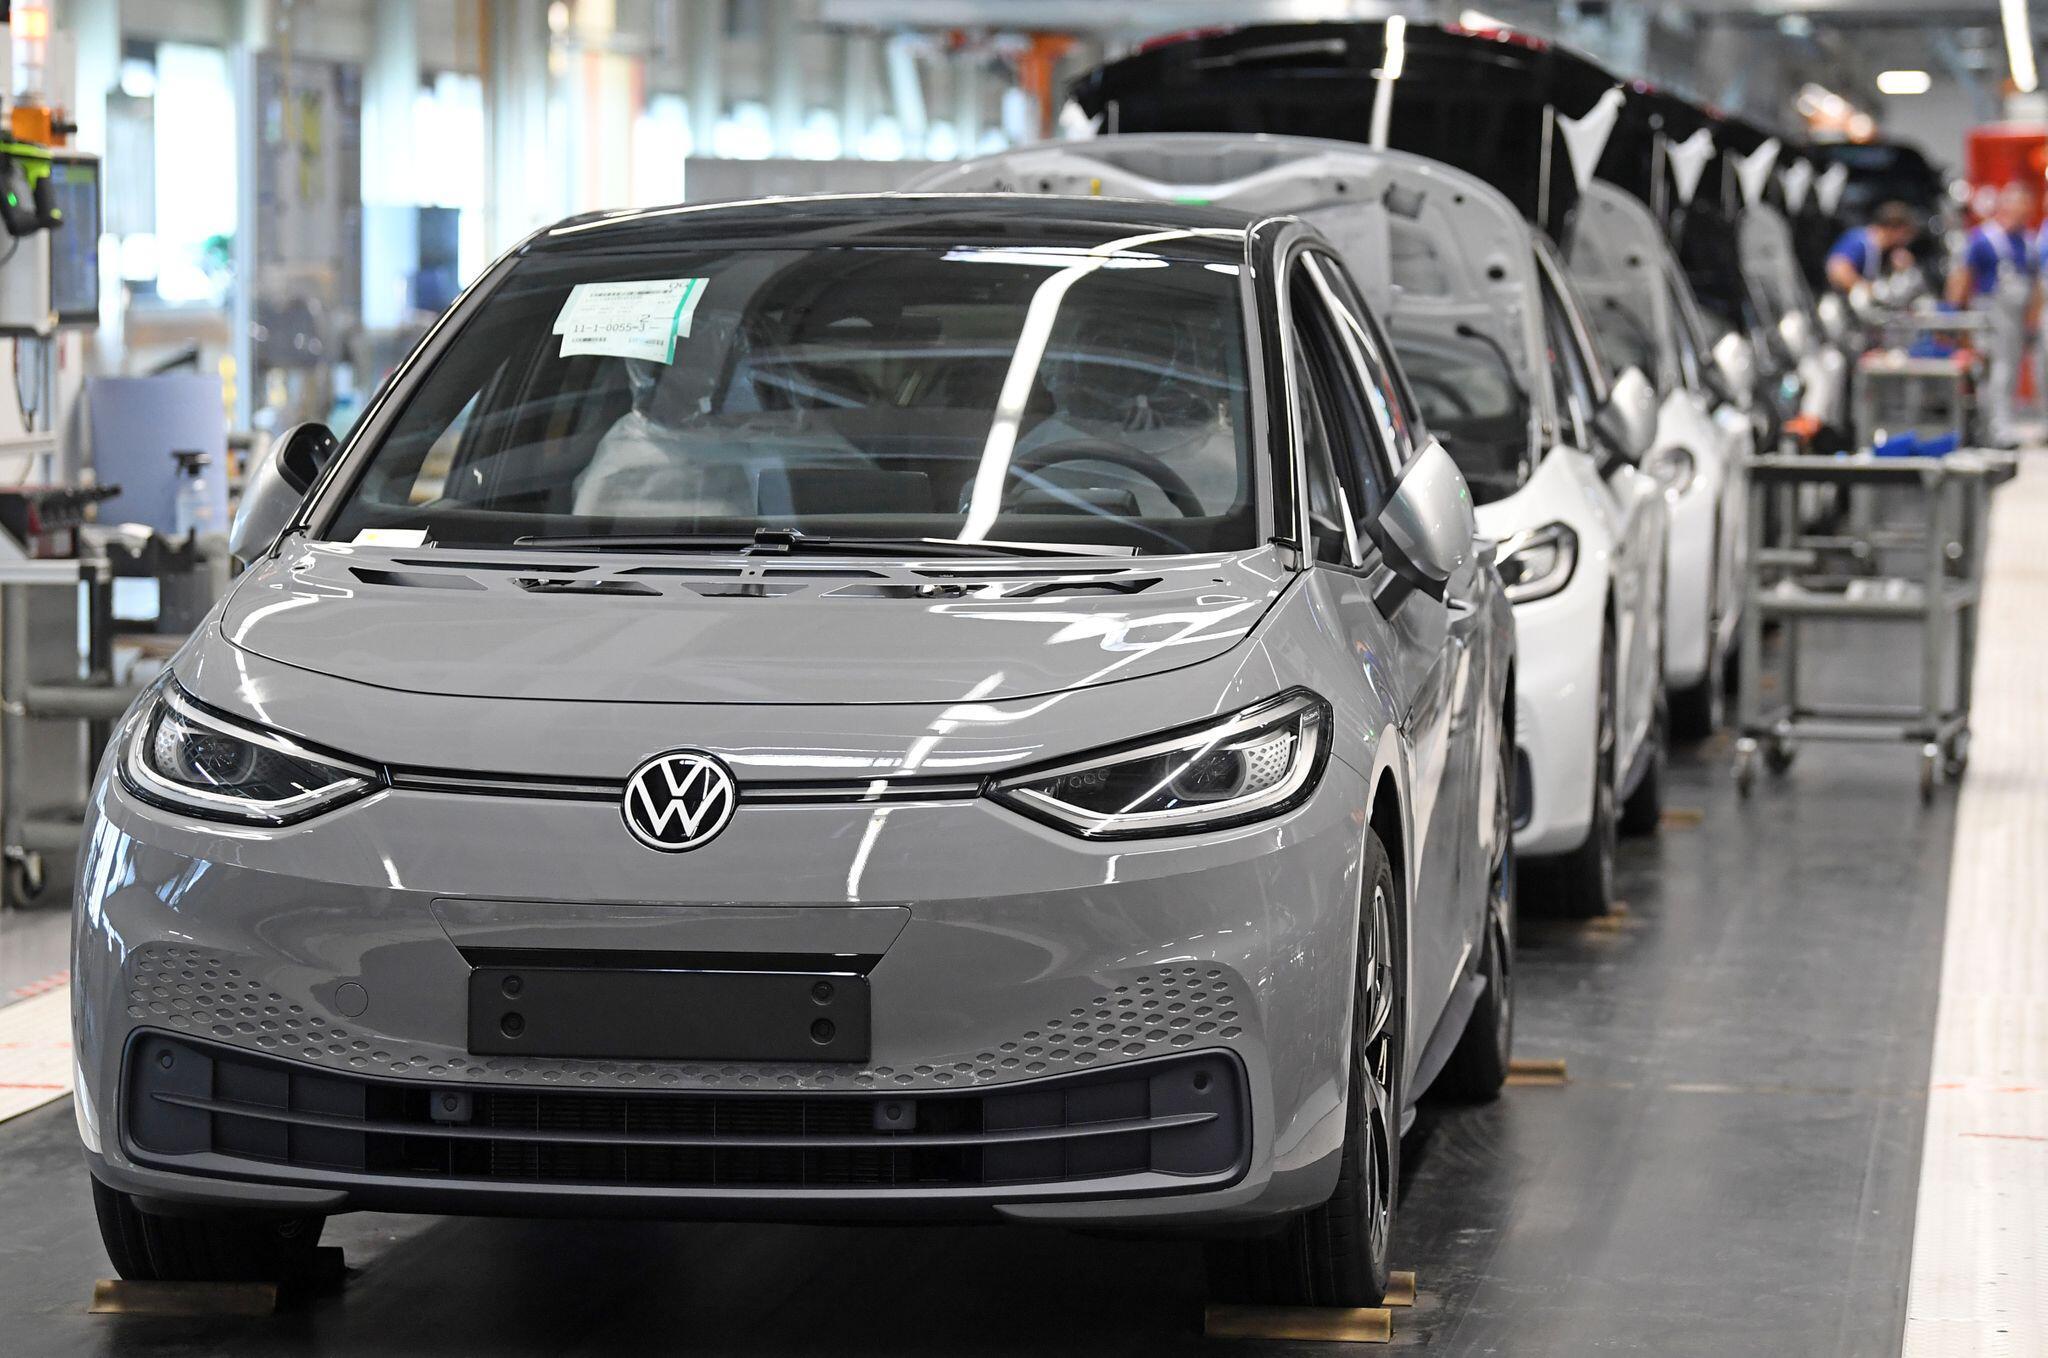 Bild zu Volkswagen - Produktion von E-Autos